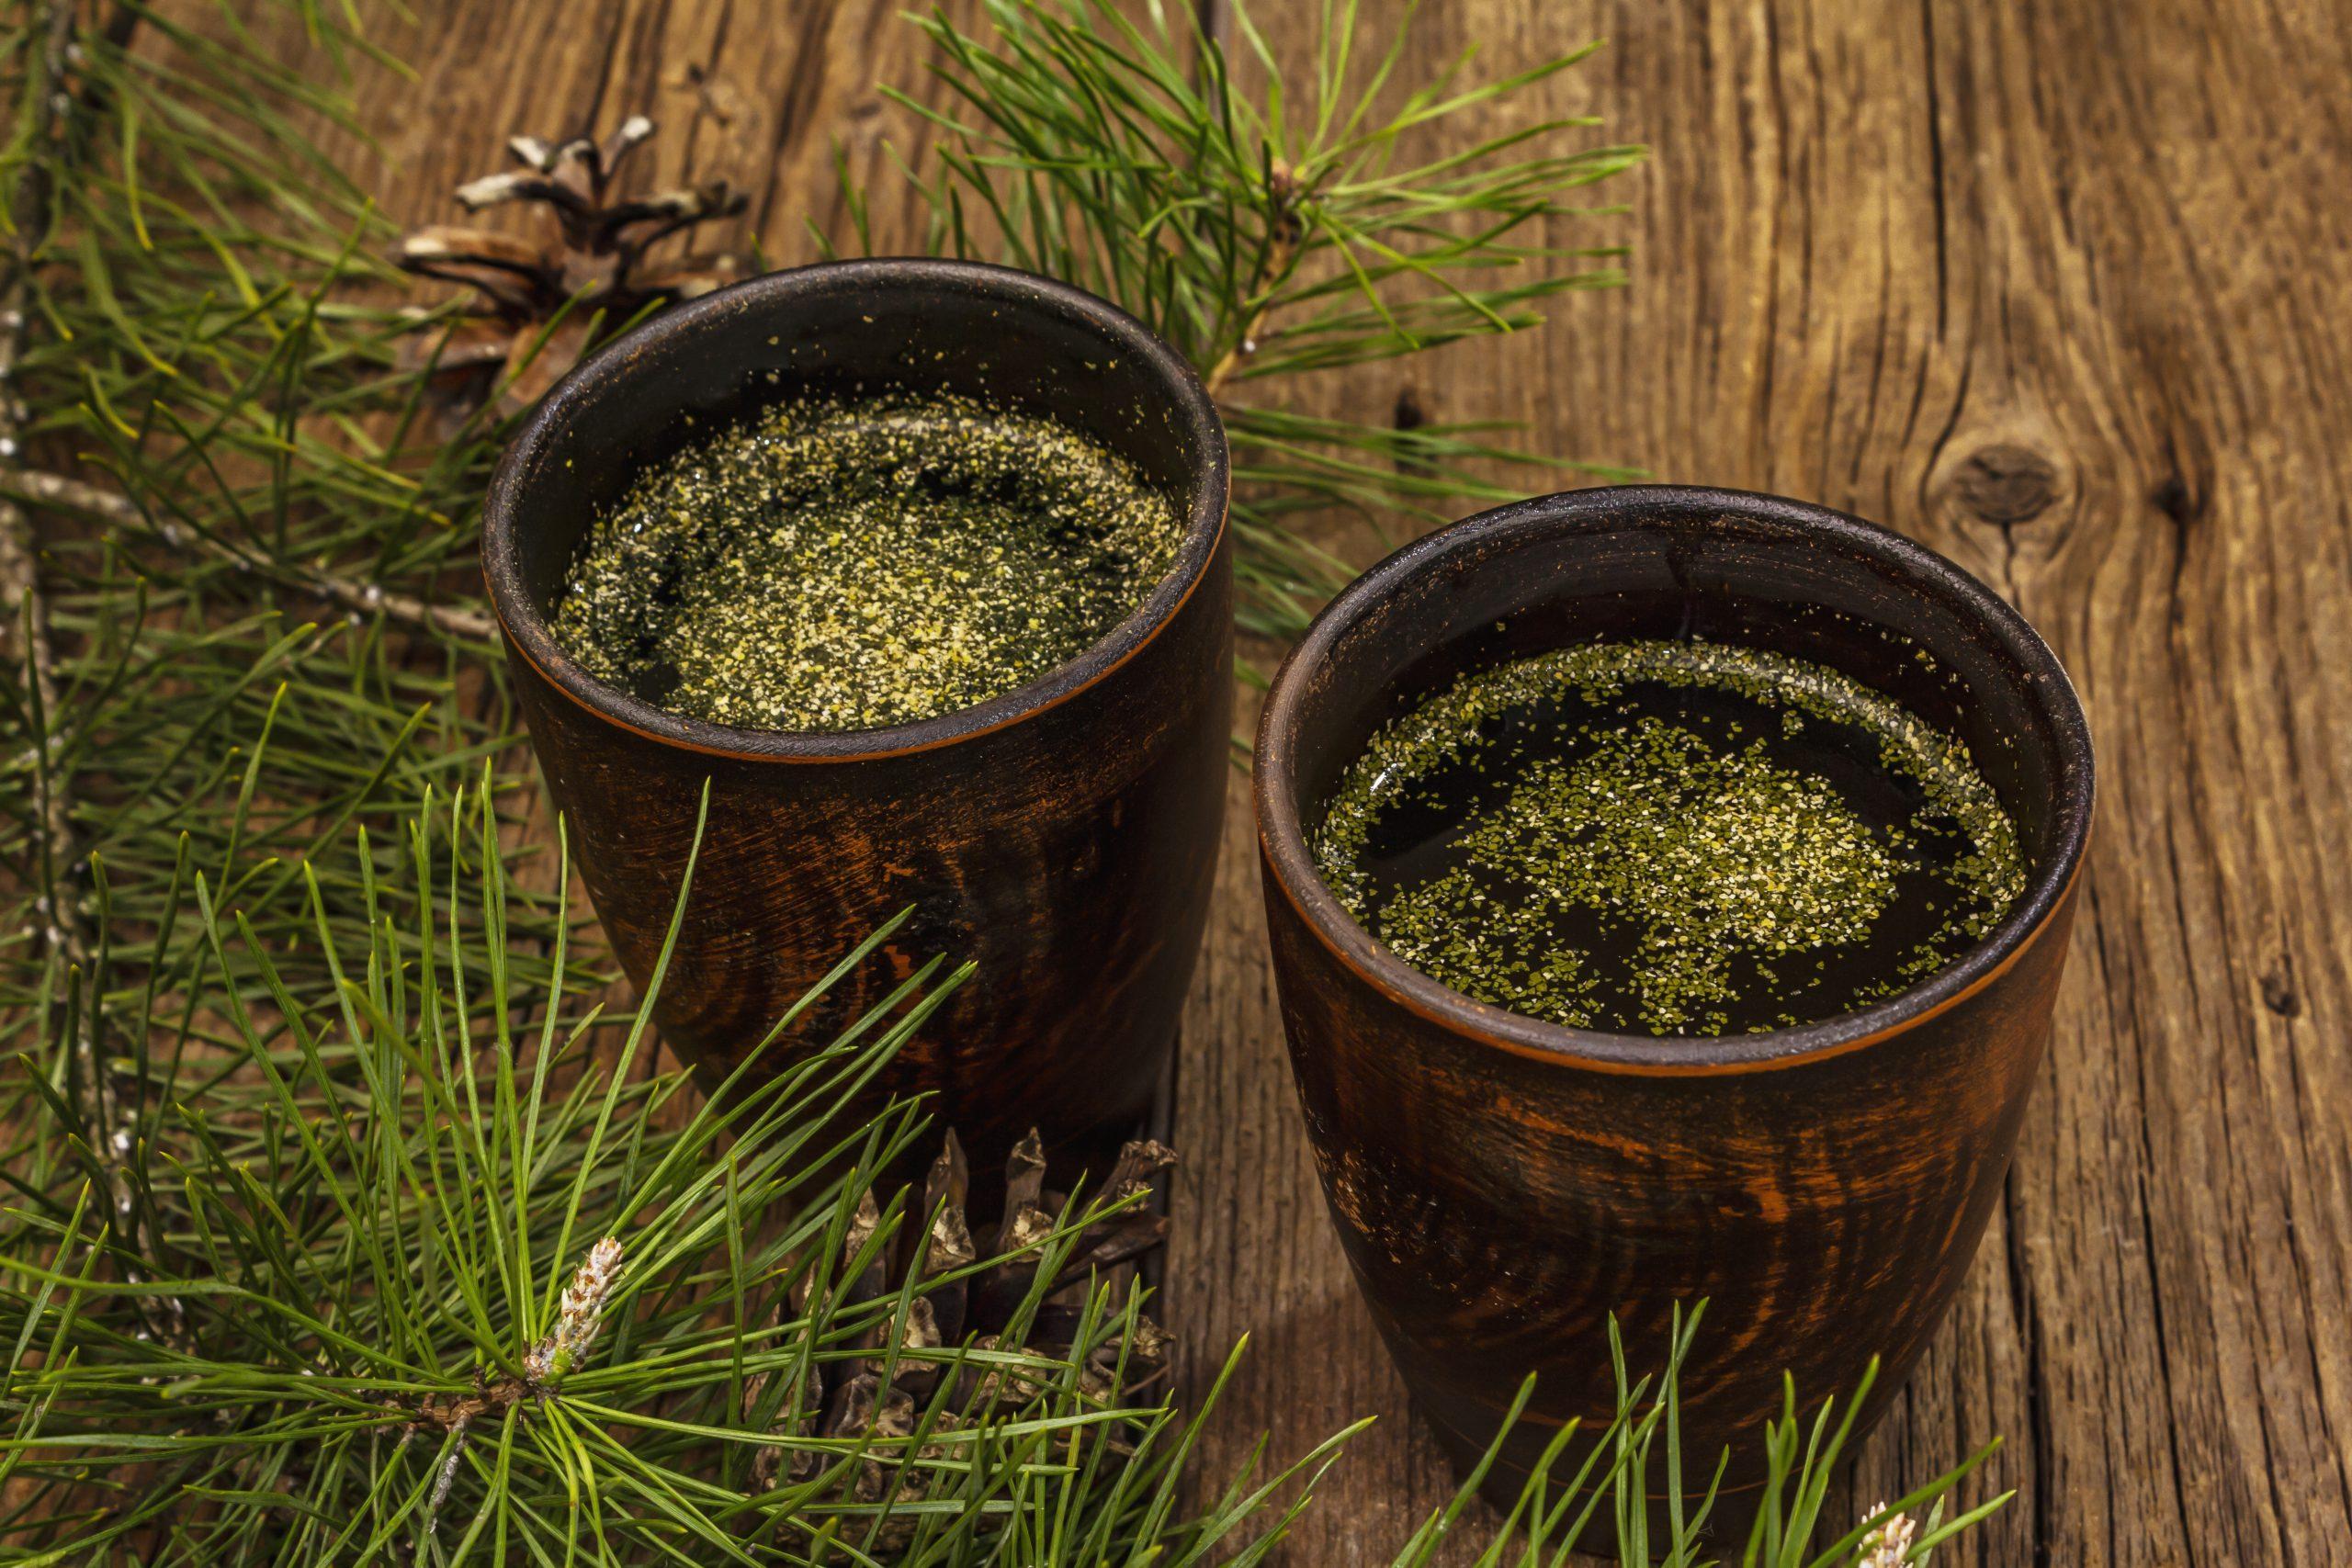 pine needle tea benefits, pine needle tea health benefits, where to buy pine needle tea, how to make pine needle tea, are pine needles safe for tea, are pine needles toxic to humans